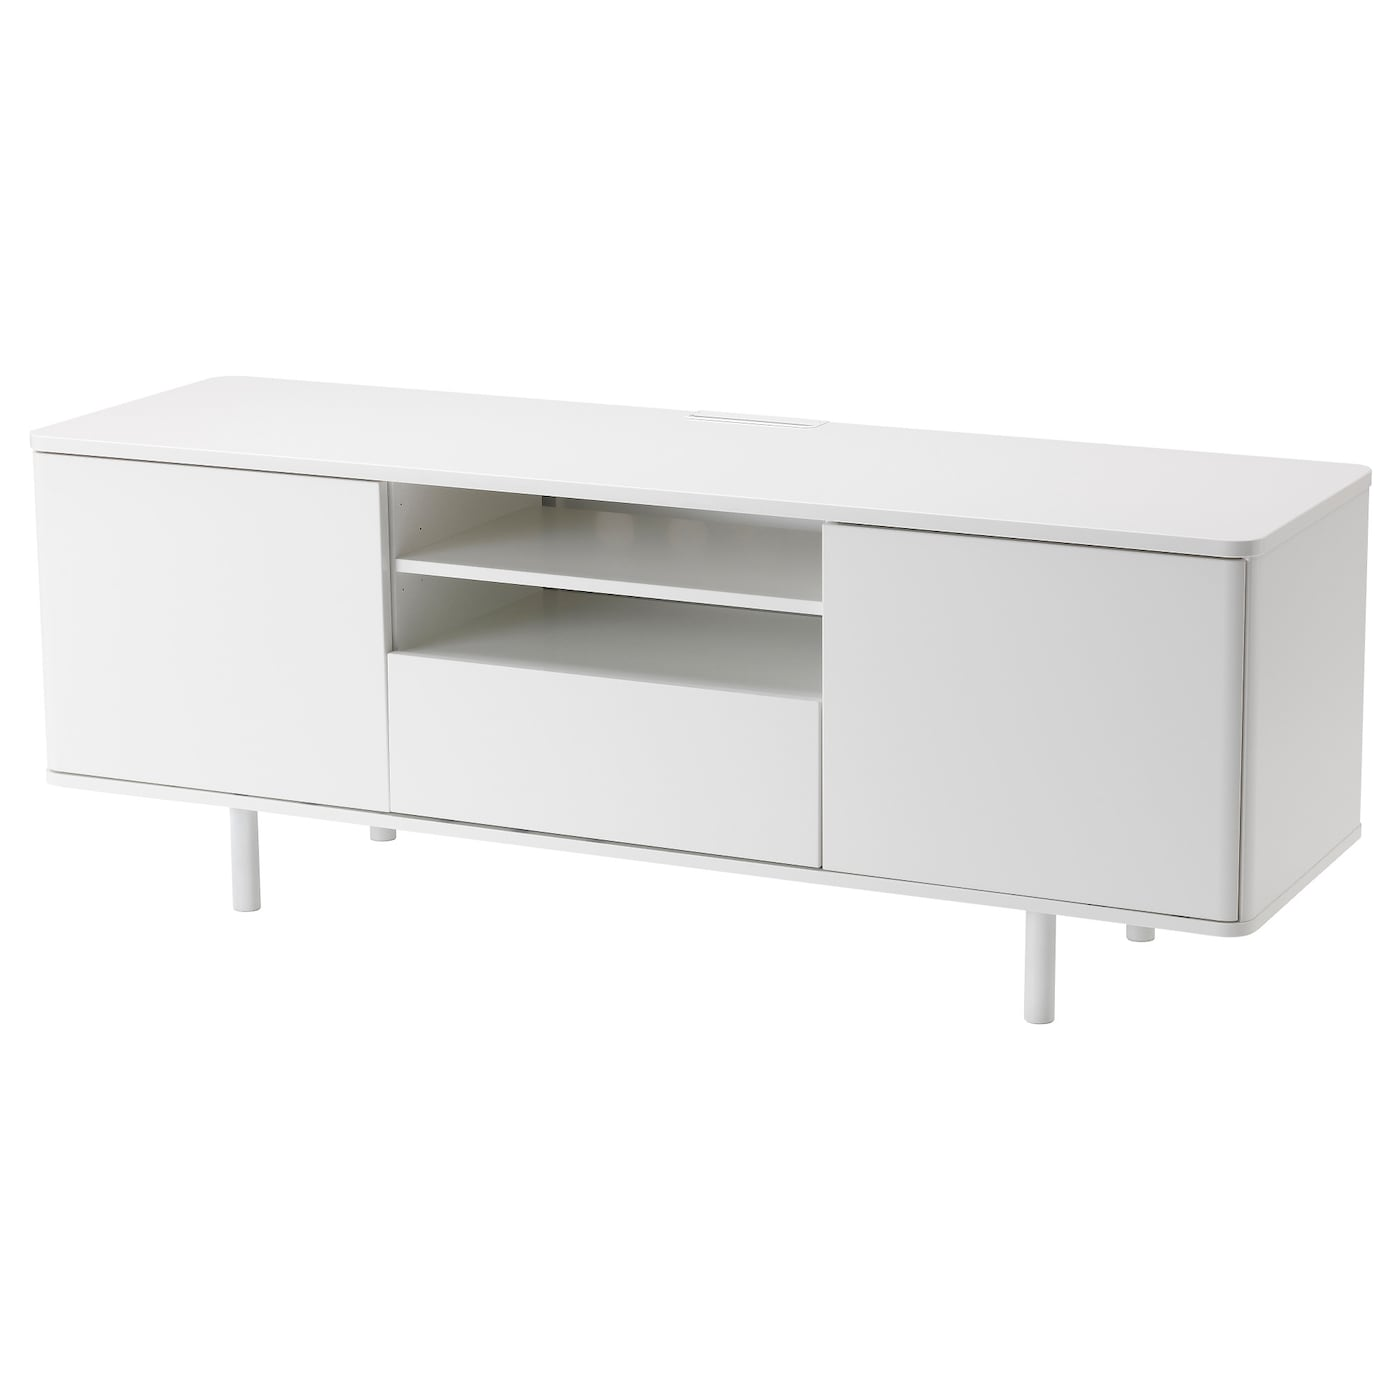 Muebles de TV y Muebles para el Salón | Compra Online IKEA - photo#40